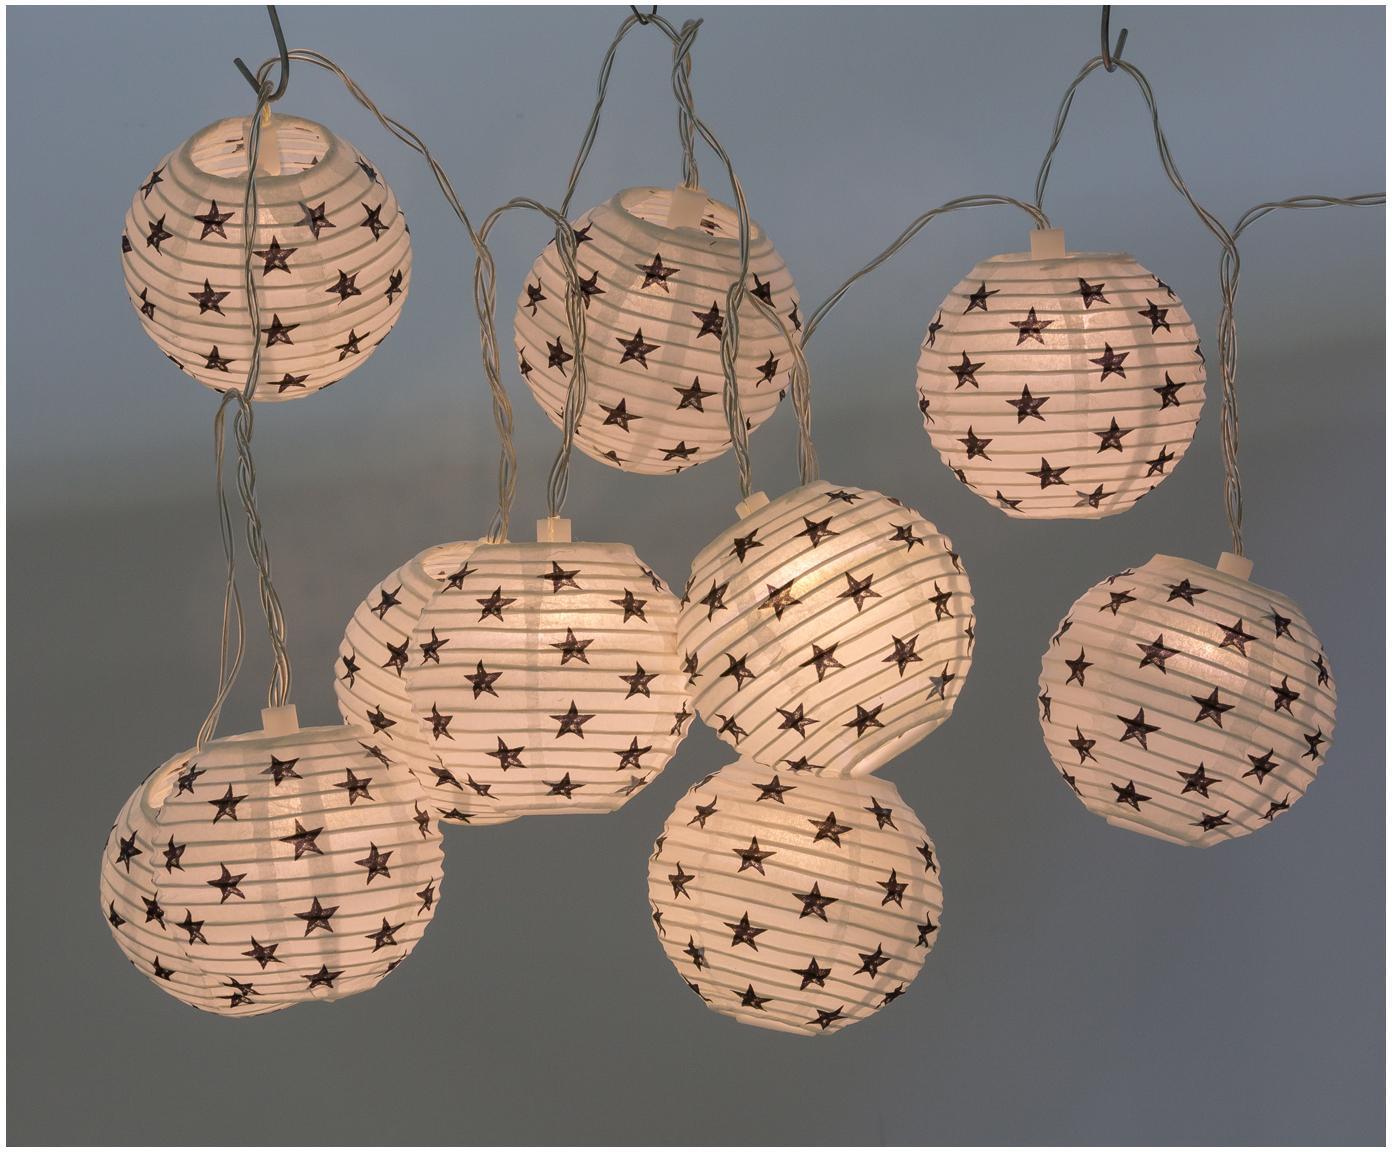 LED-Lichterkette Hyannisport, Lampions: Papier, Weiß, Dunkelblau, L 210 cm